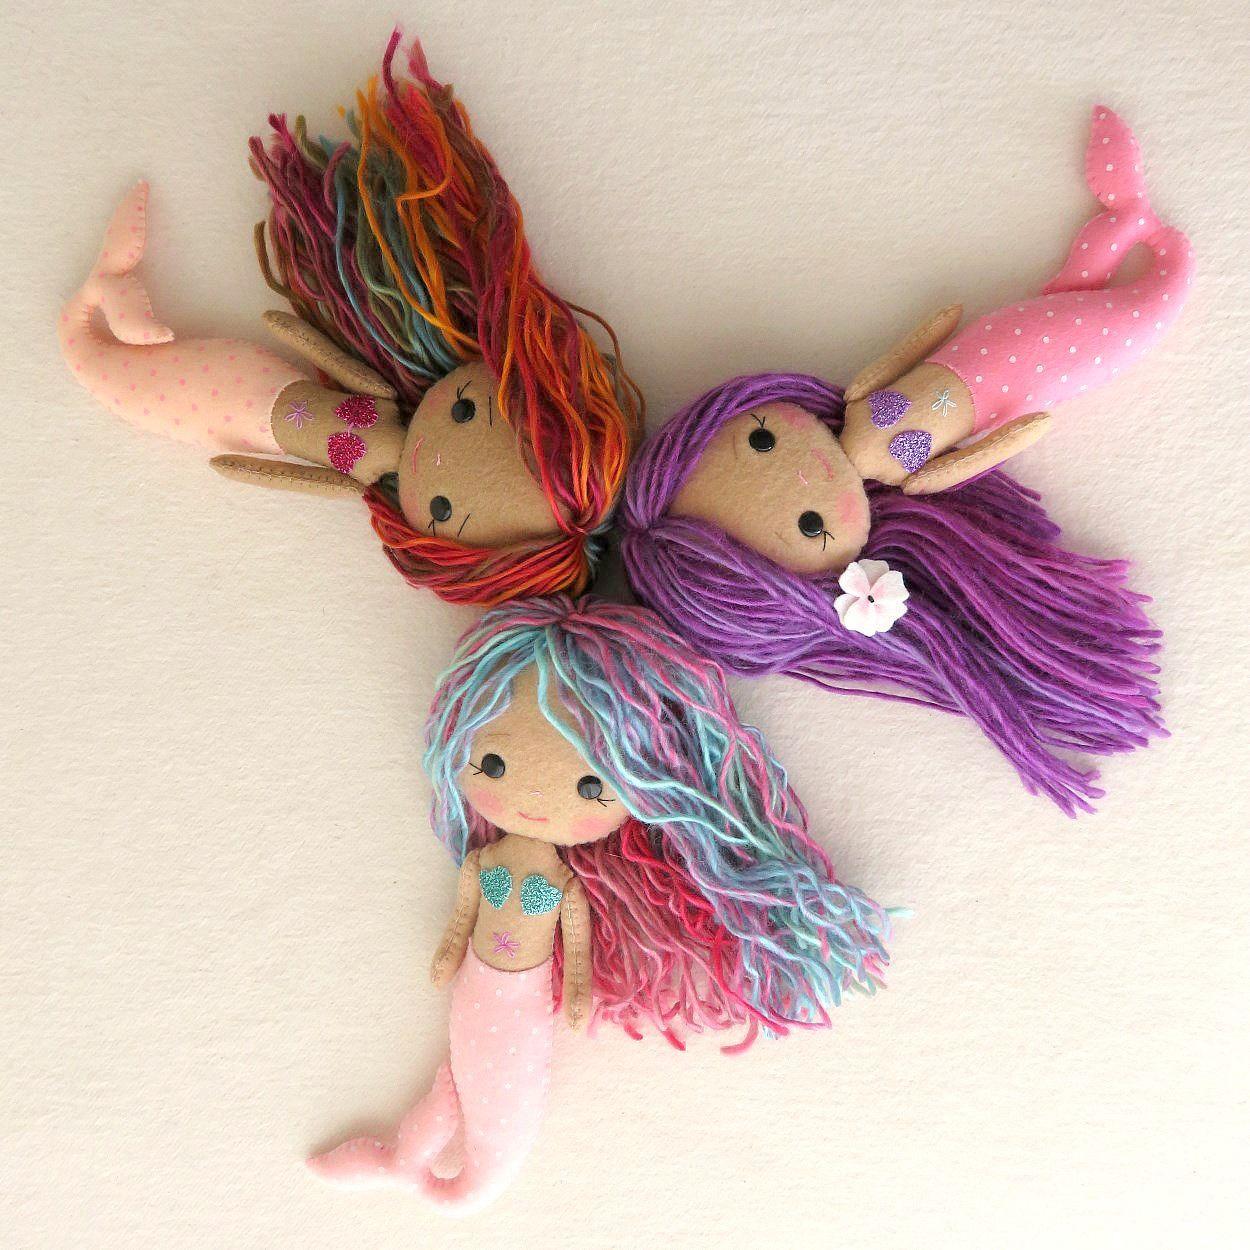 Patrón para hacer muñecas sirenas de fieltro o tela - Patrones gratis